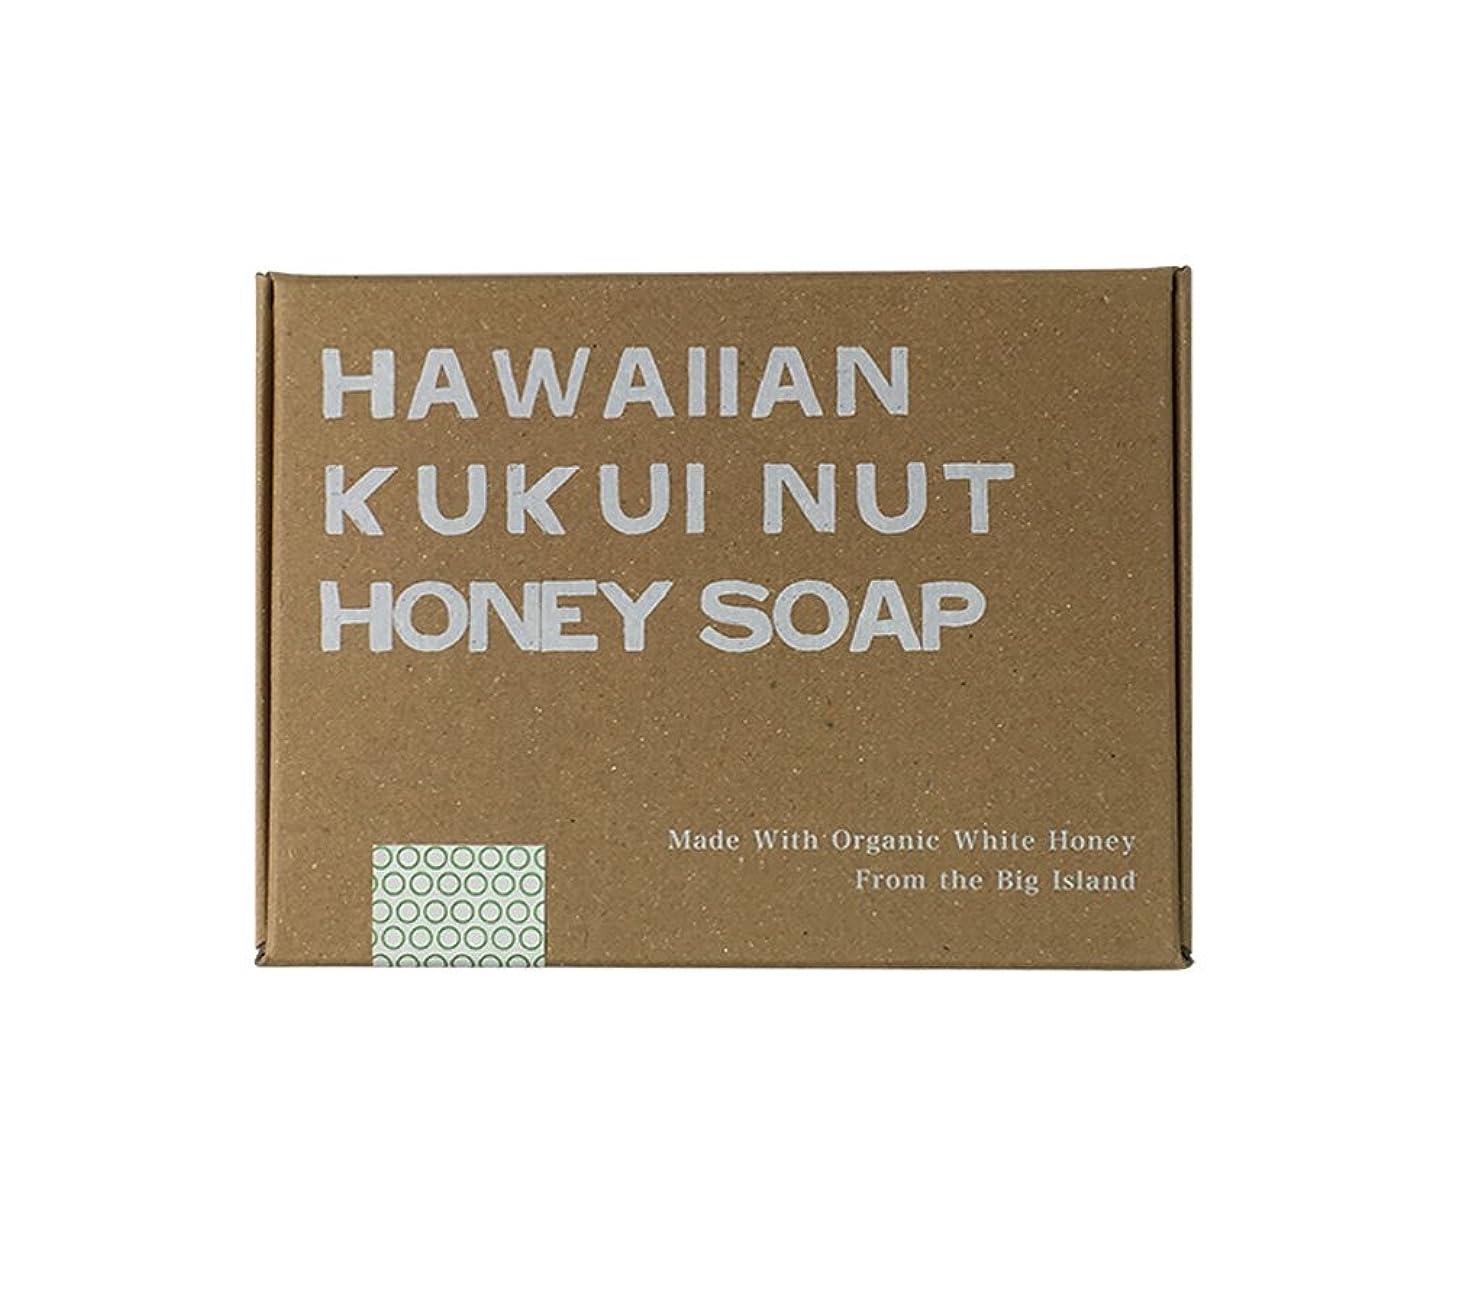 描くステンレスセミナーホワイトハニーオーガニクス ハワイアン?ククイ?ハニーソープ(無香料)(Hawaiian Kukui Honey Soap)